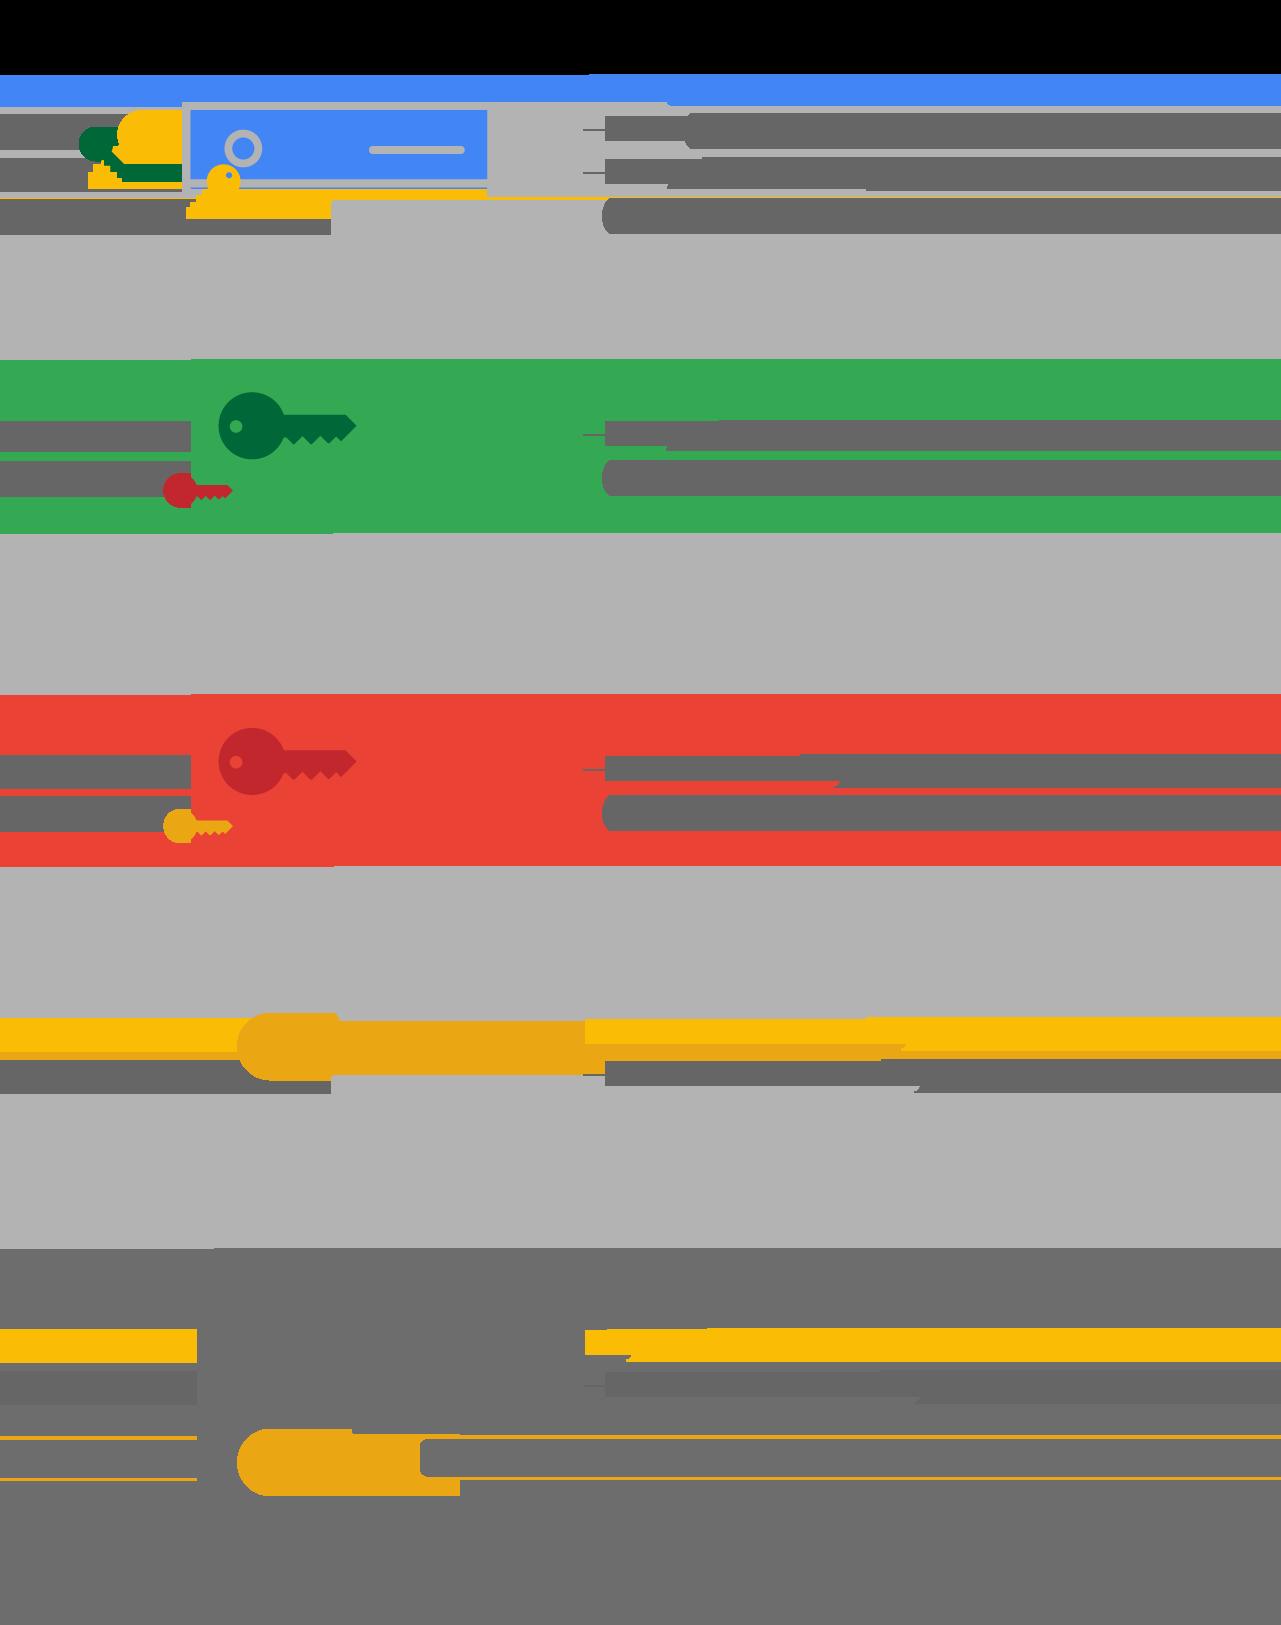 Diagramm: Verschlüsselungshierarchie von Google